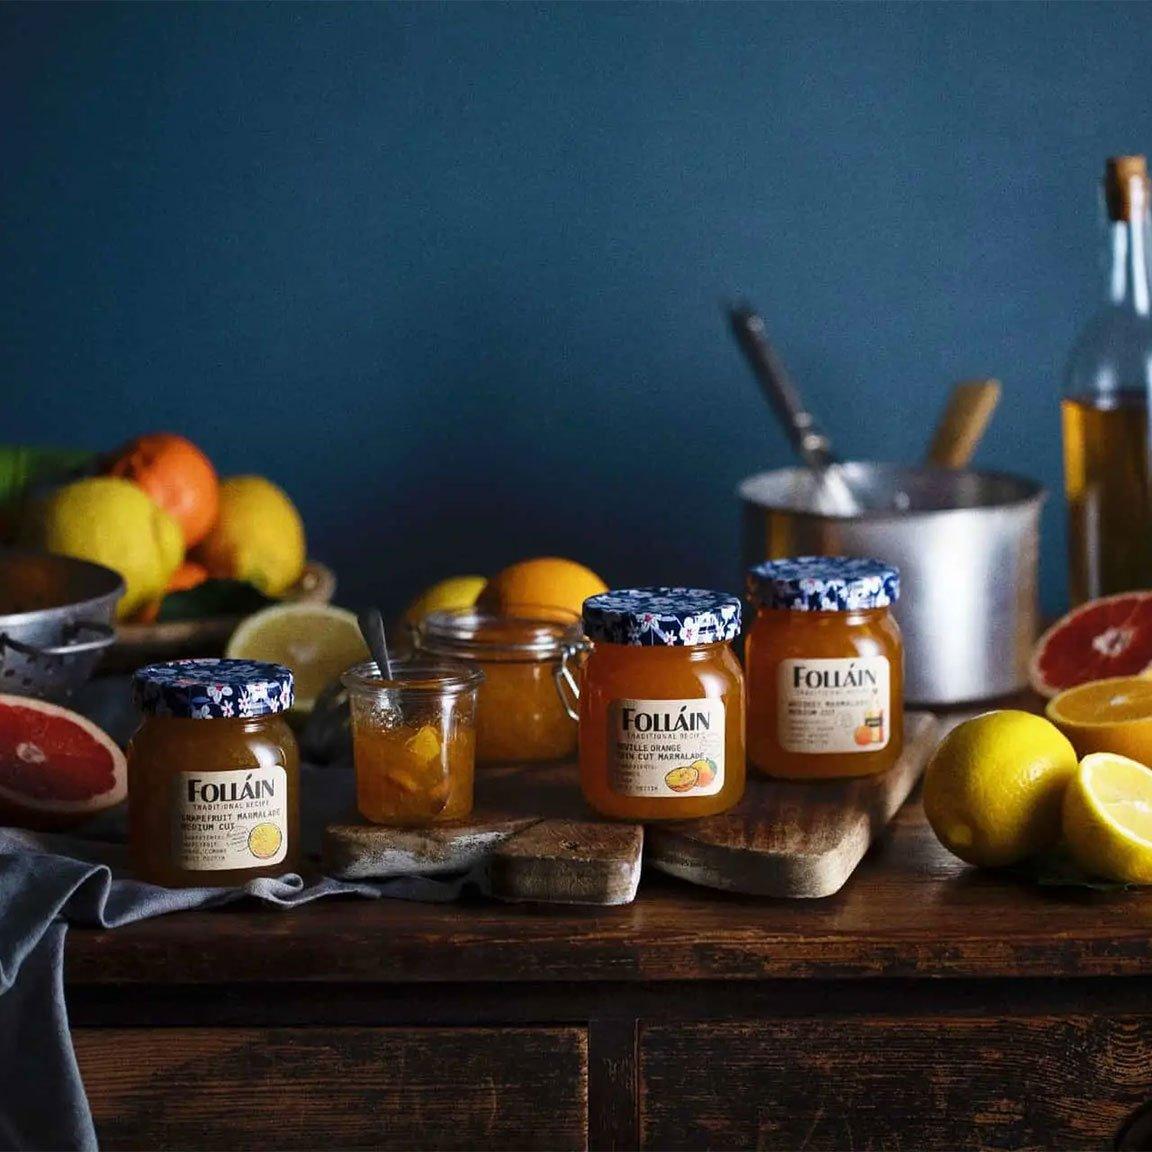 Folláin Seville Orange Thin Cut Marmalade